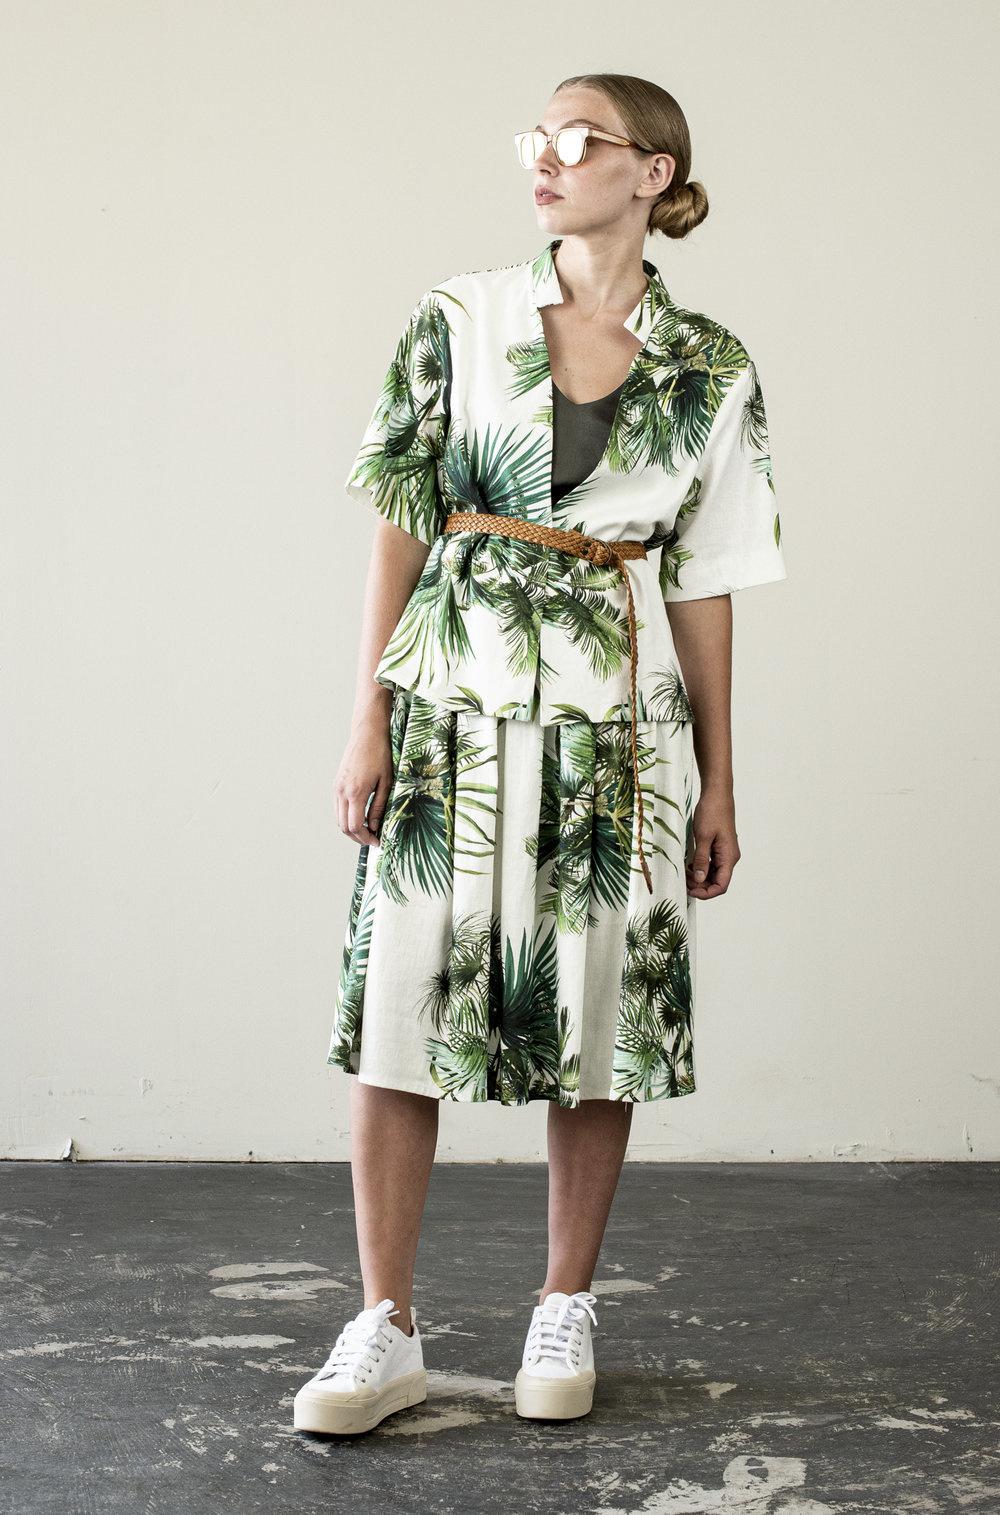 Bodybag Bodybag - Waikiki Skirt